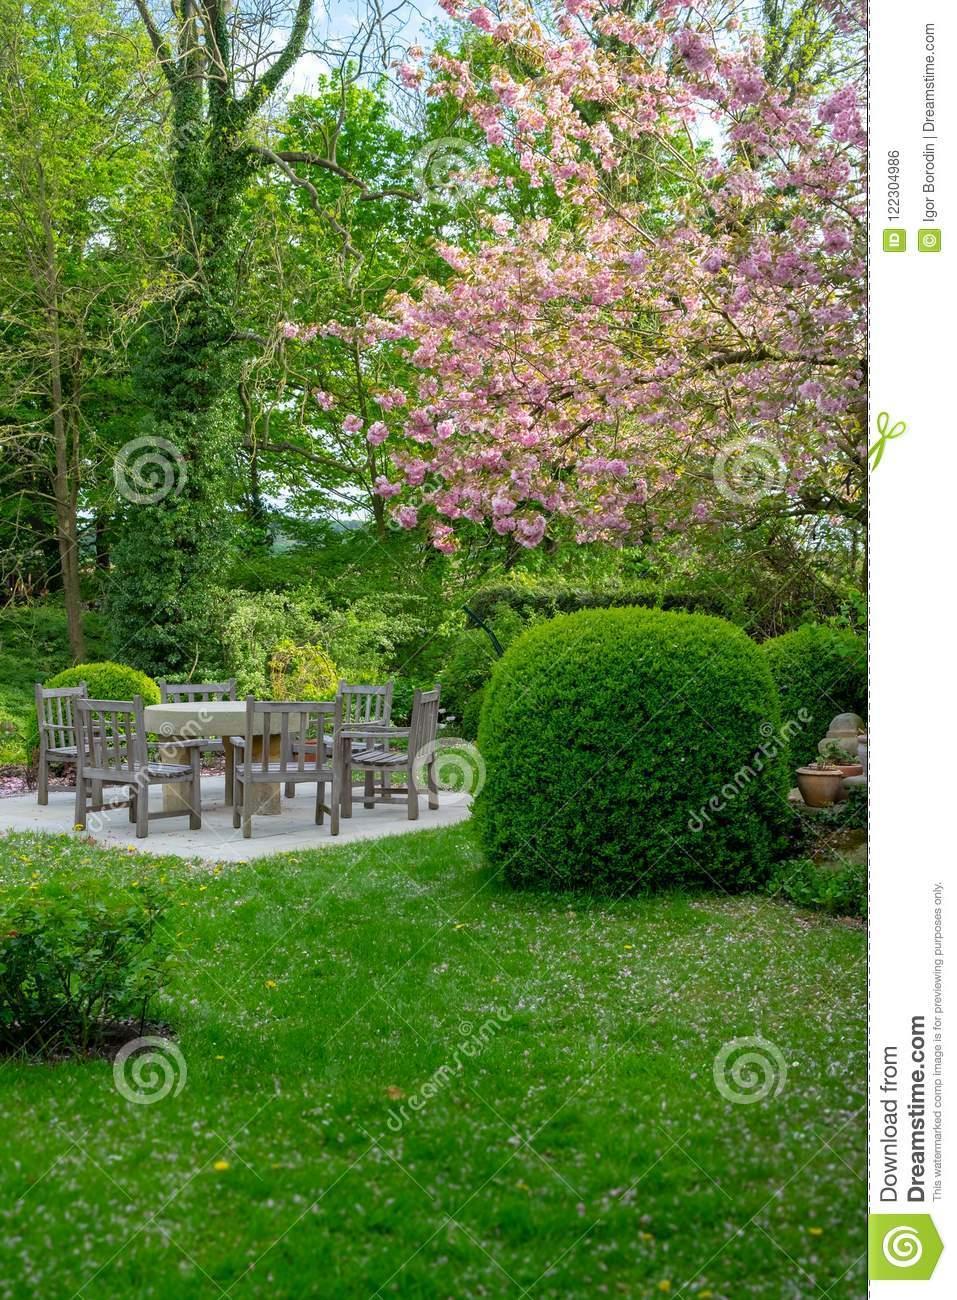 schöner garten mit tabelle und stühlen image